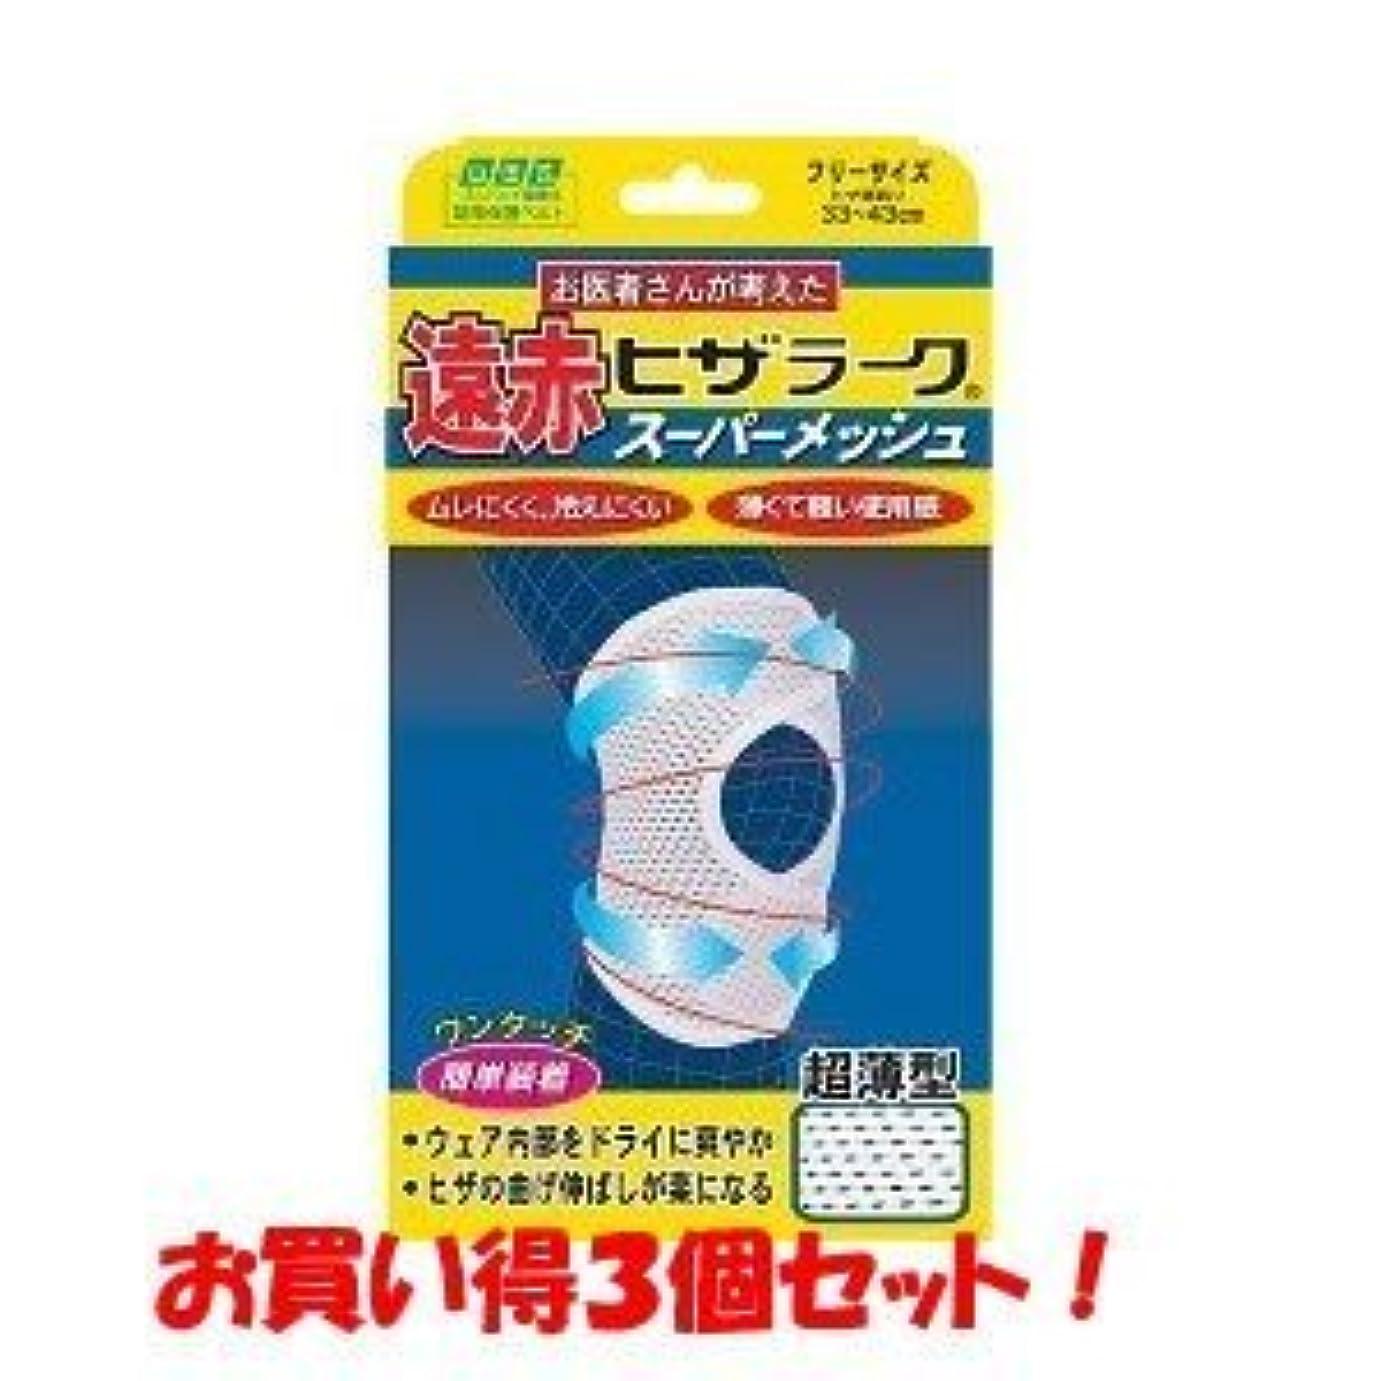 (ミノウラ)山田式 遠赤ヒザラーク スーパーメッシュ (ひざ頭回り)???33?43cm(お買い得3個セット)